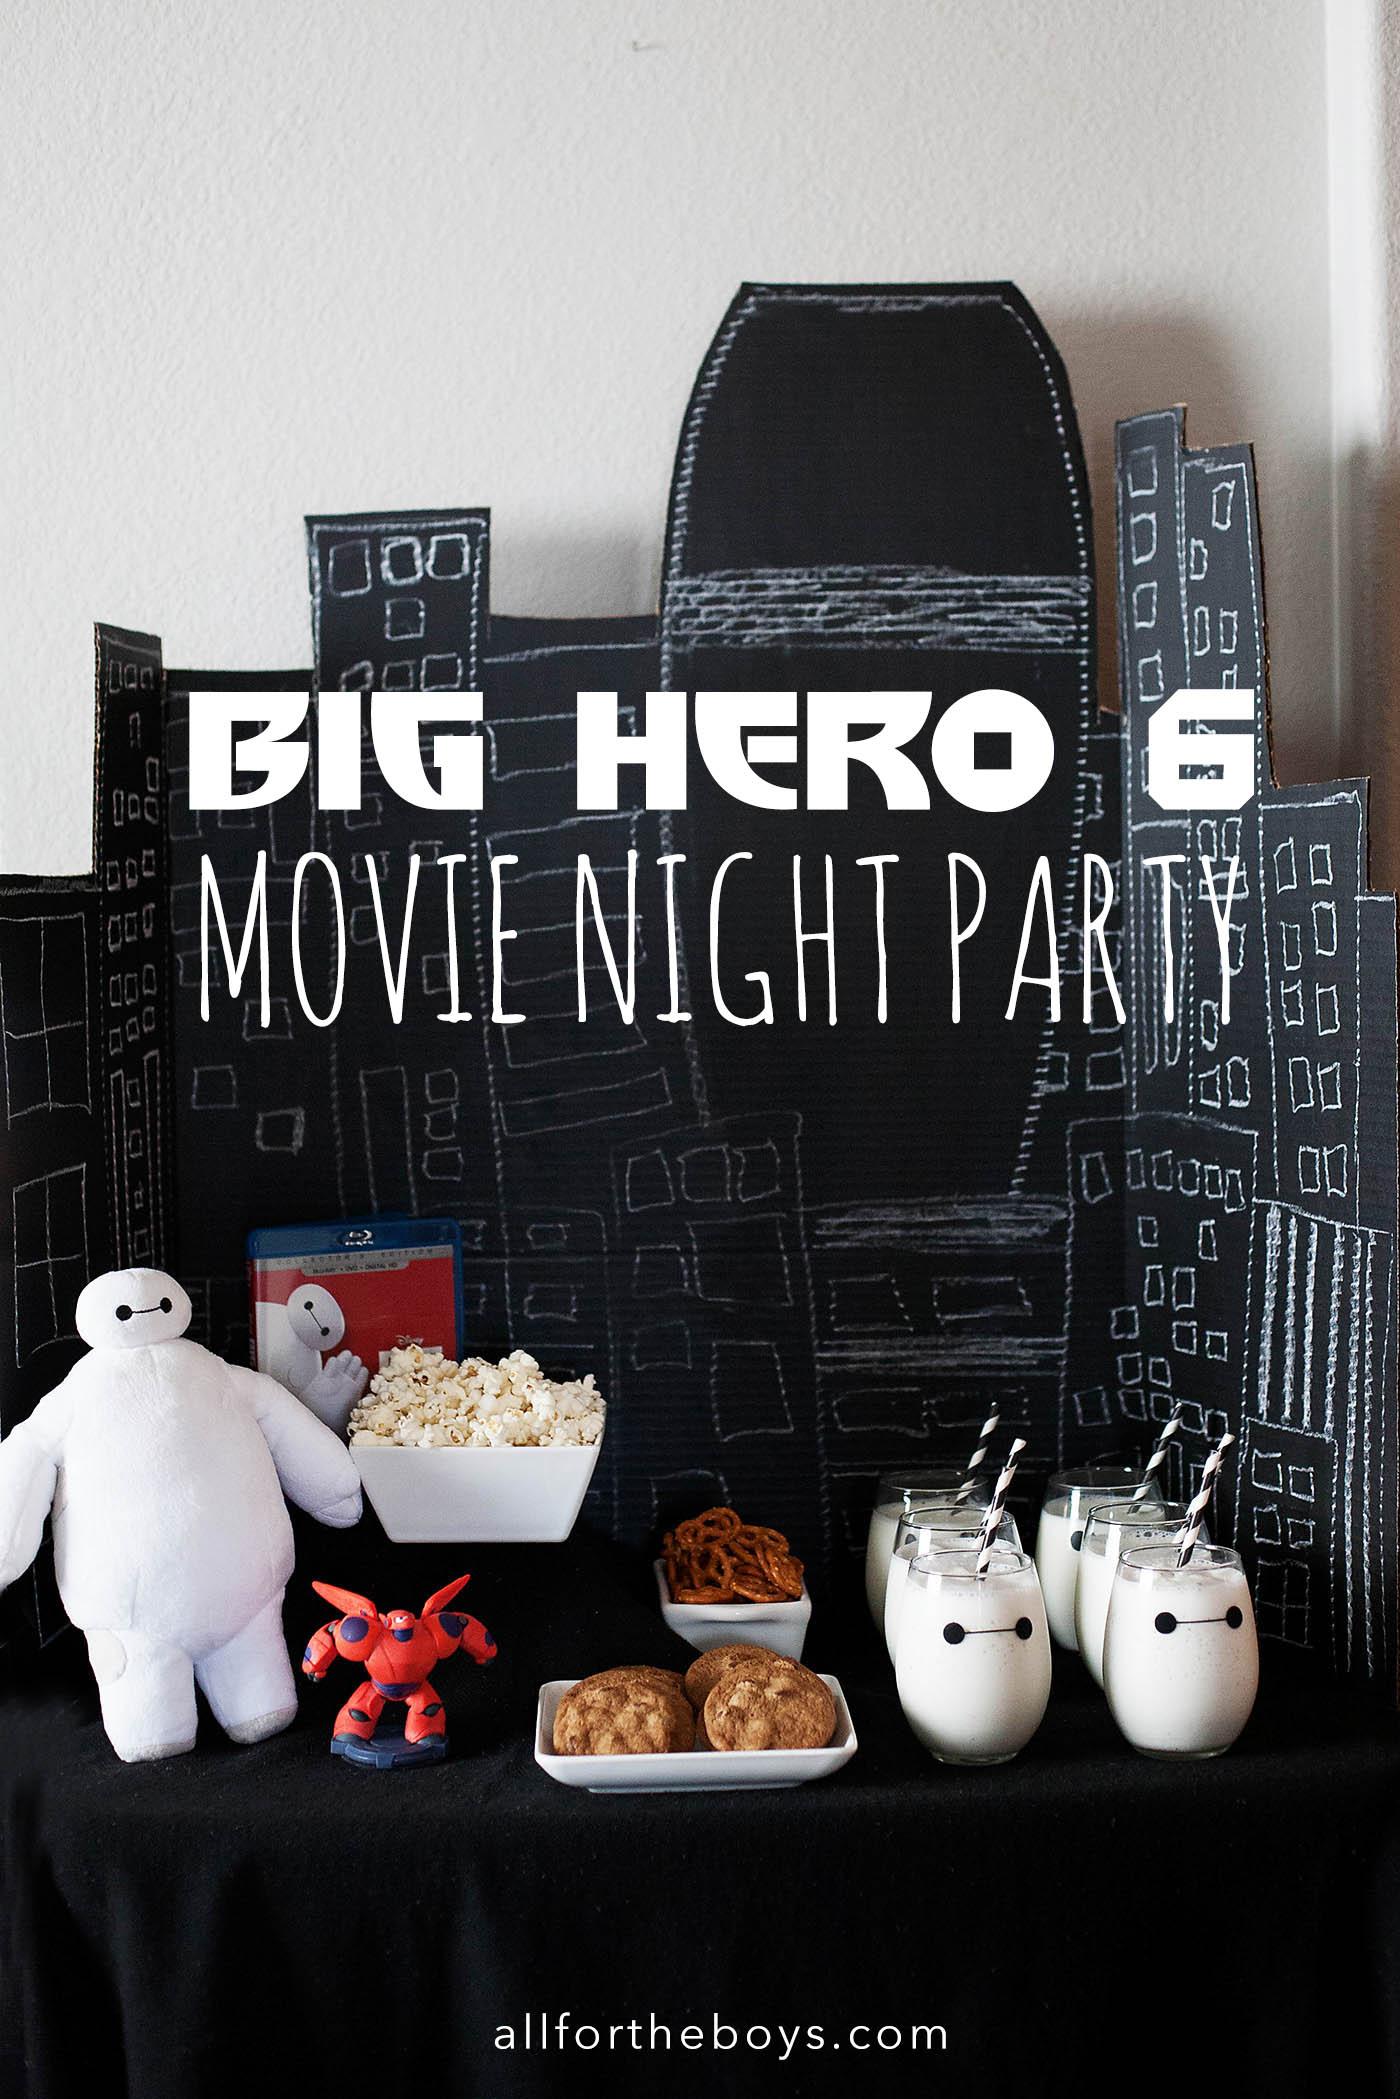 Big Hero 6 Movie Night Party